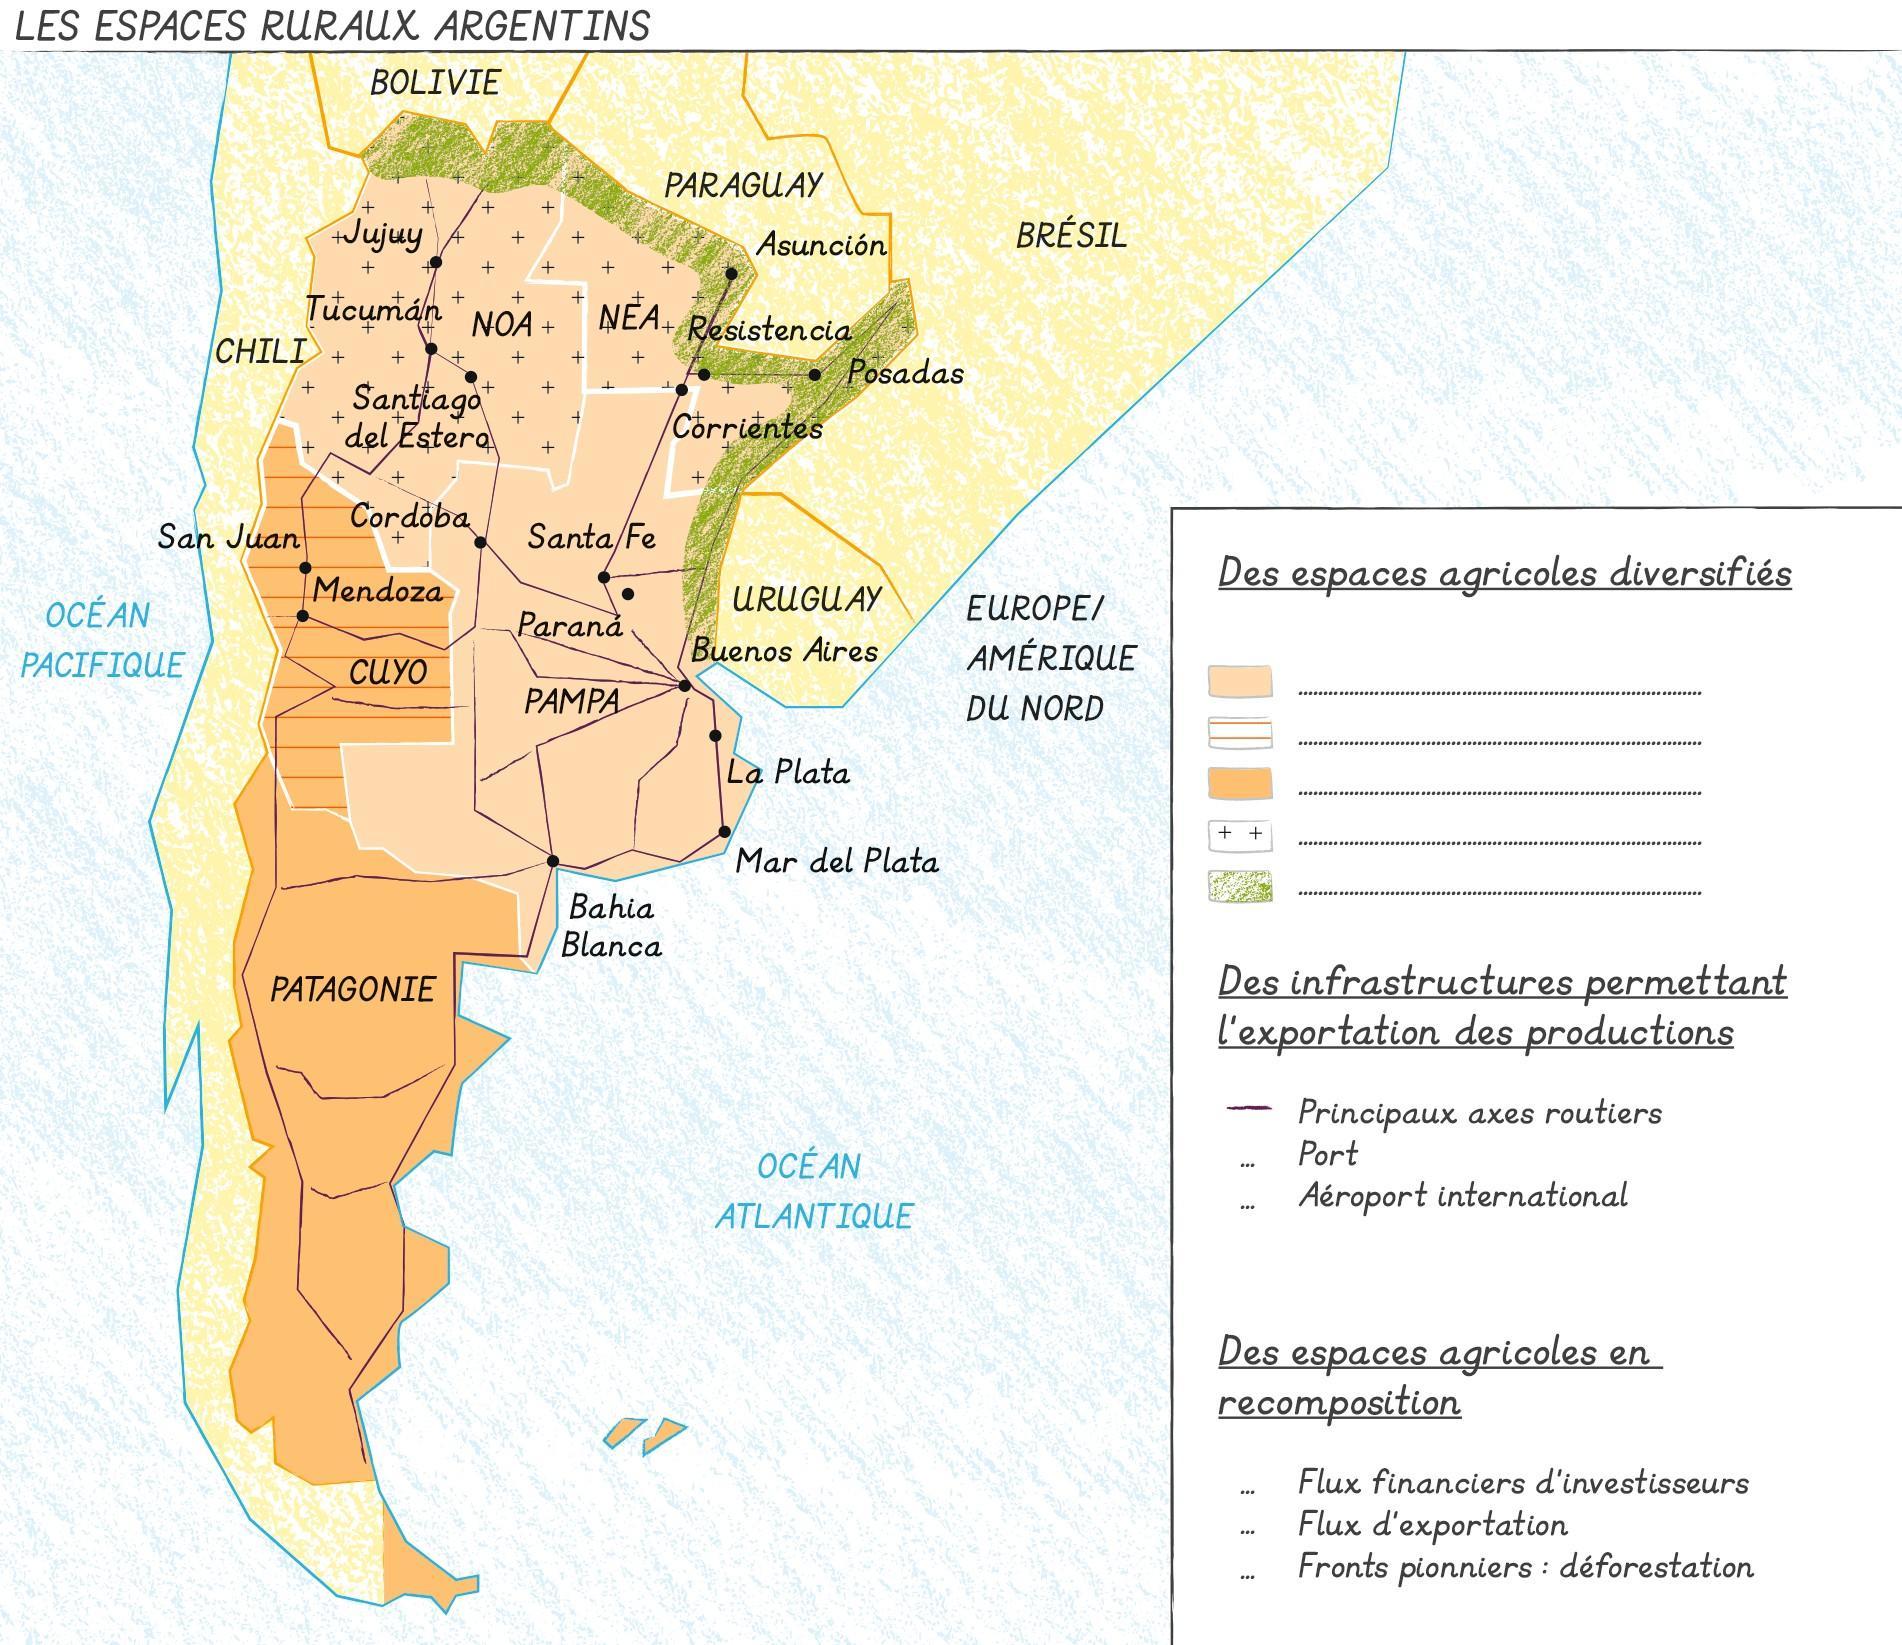 Les espaces ruraux argentins